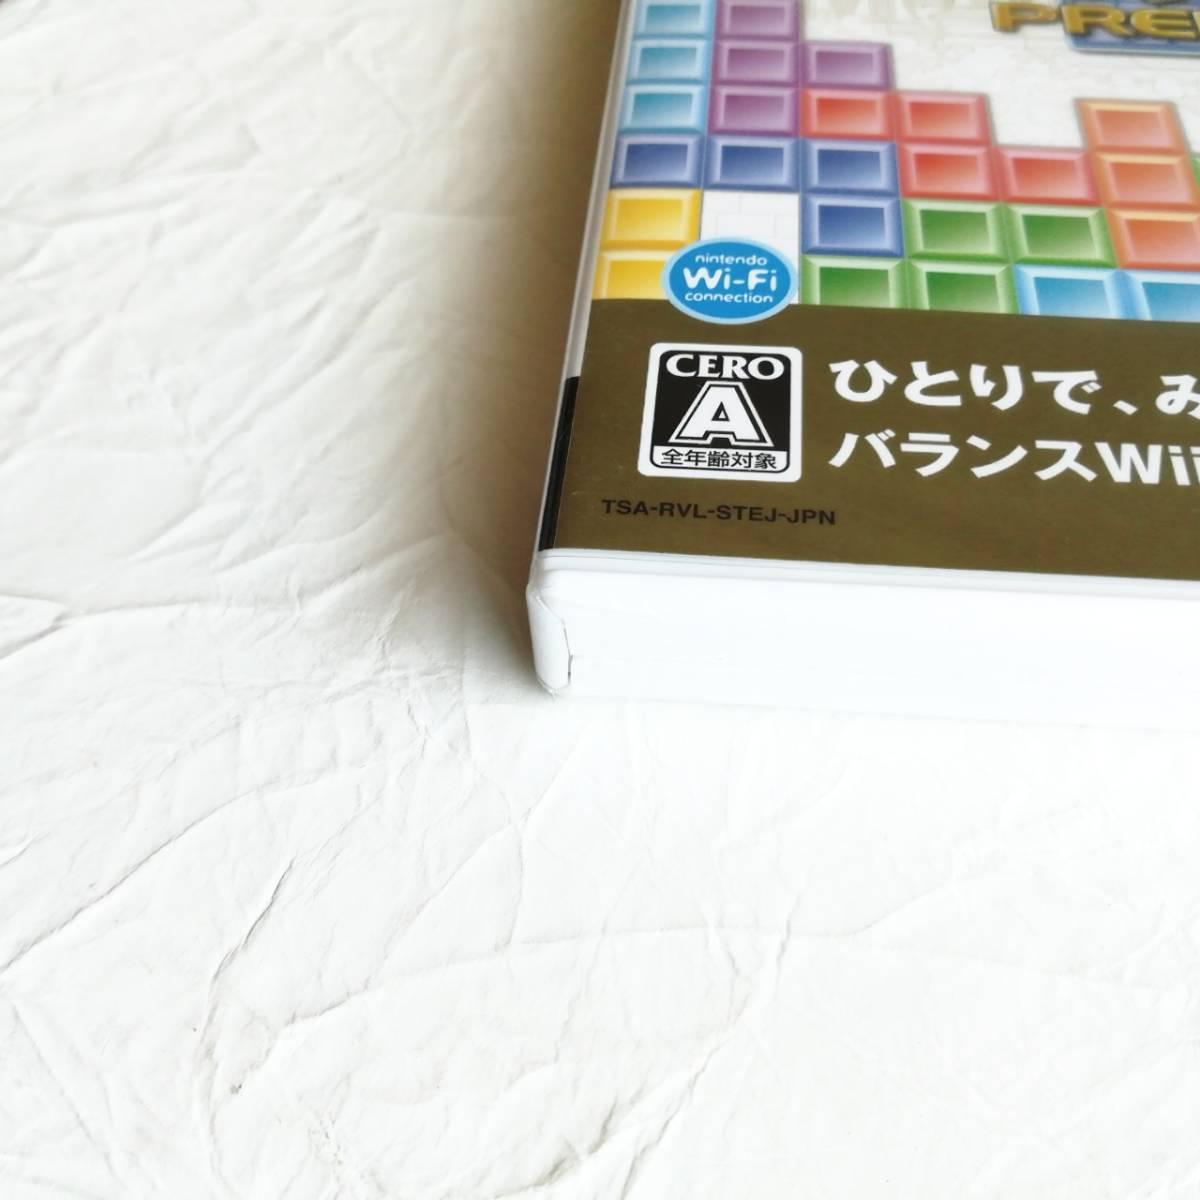 テトリス パーティープレミアム【Wii】新品未開封★通常版★送料込み